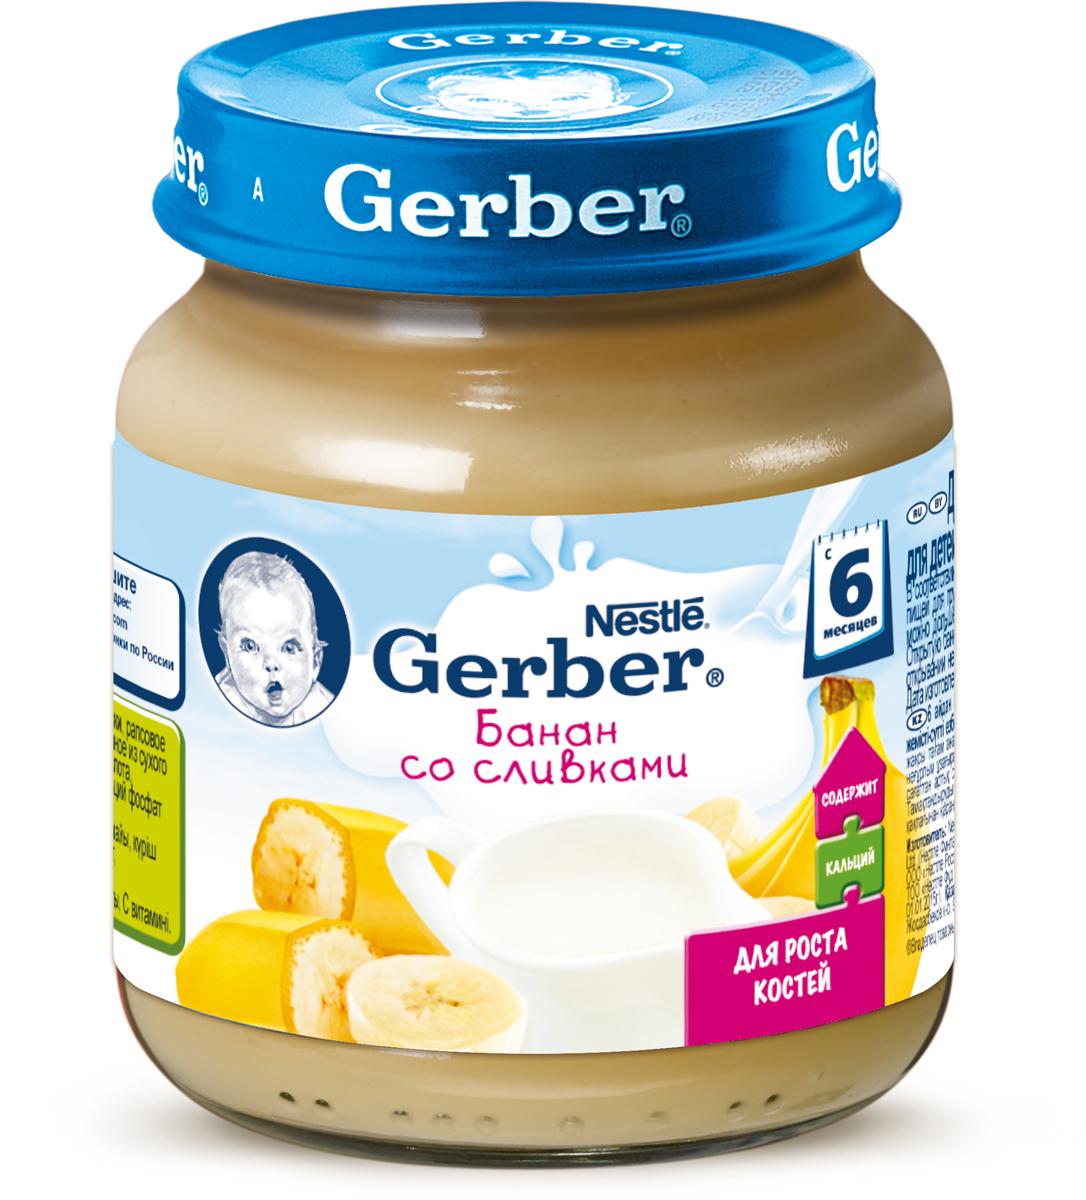 Gerber пюре банан со сливками, с 6 месяцев, 125 г12247993Нежный десерт Gerber банан со сливками для детей с 6 месяцев, приготовлен из натуральных бананов и сливок. Не содержит генетически модифицированных ингредиентов, искусственных консервантов, красителей и ароматизаторов. Обогащены кальцием для формирования